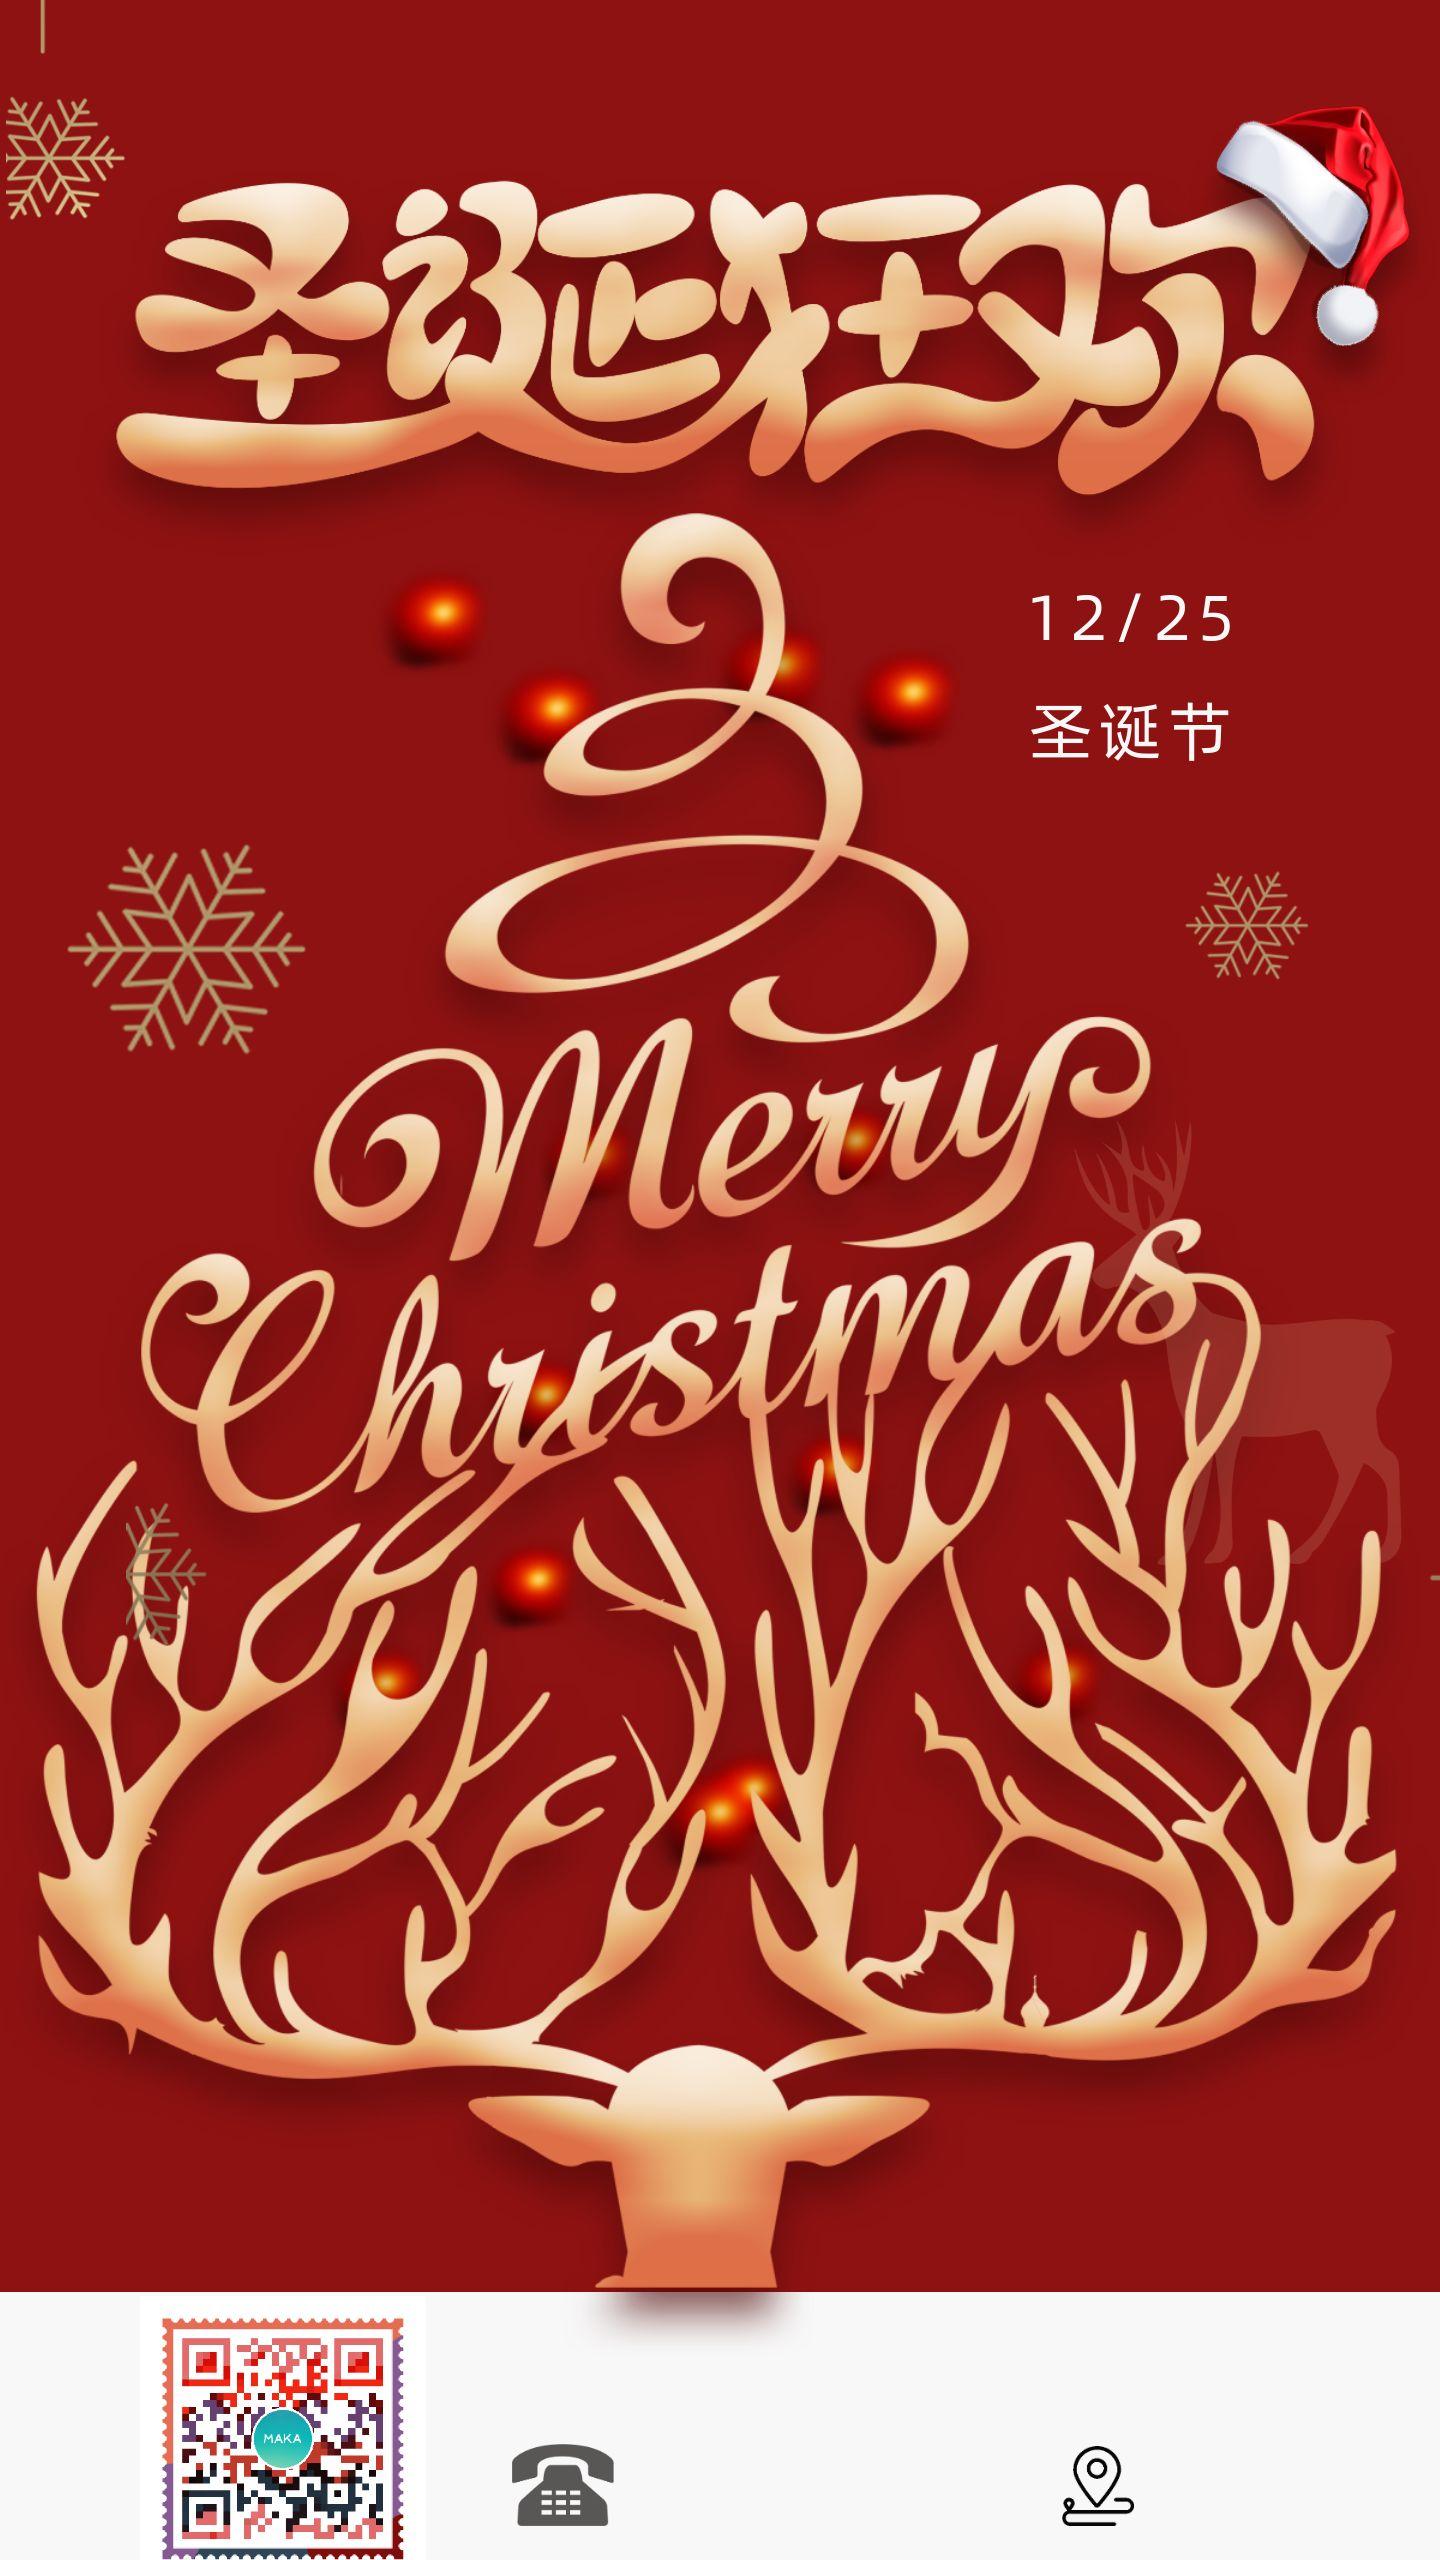 圣诞节节日宣传使用的平面模板